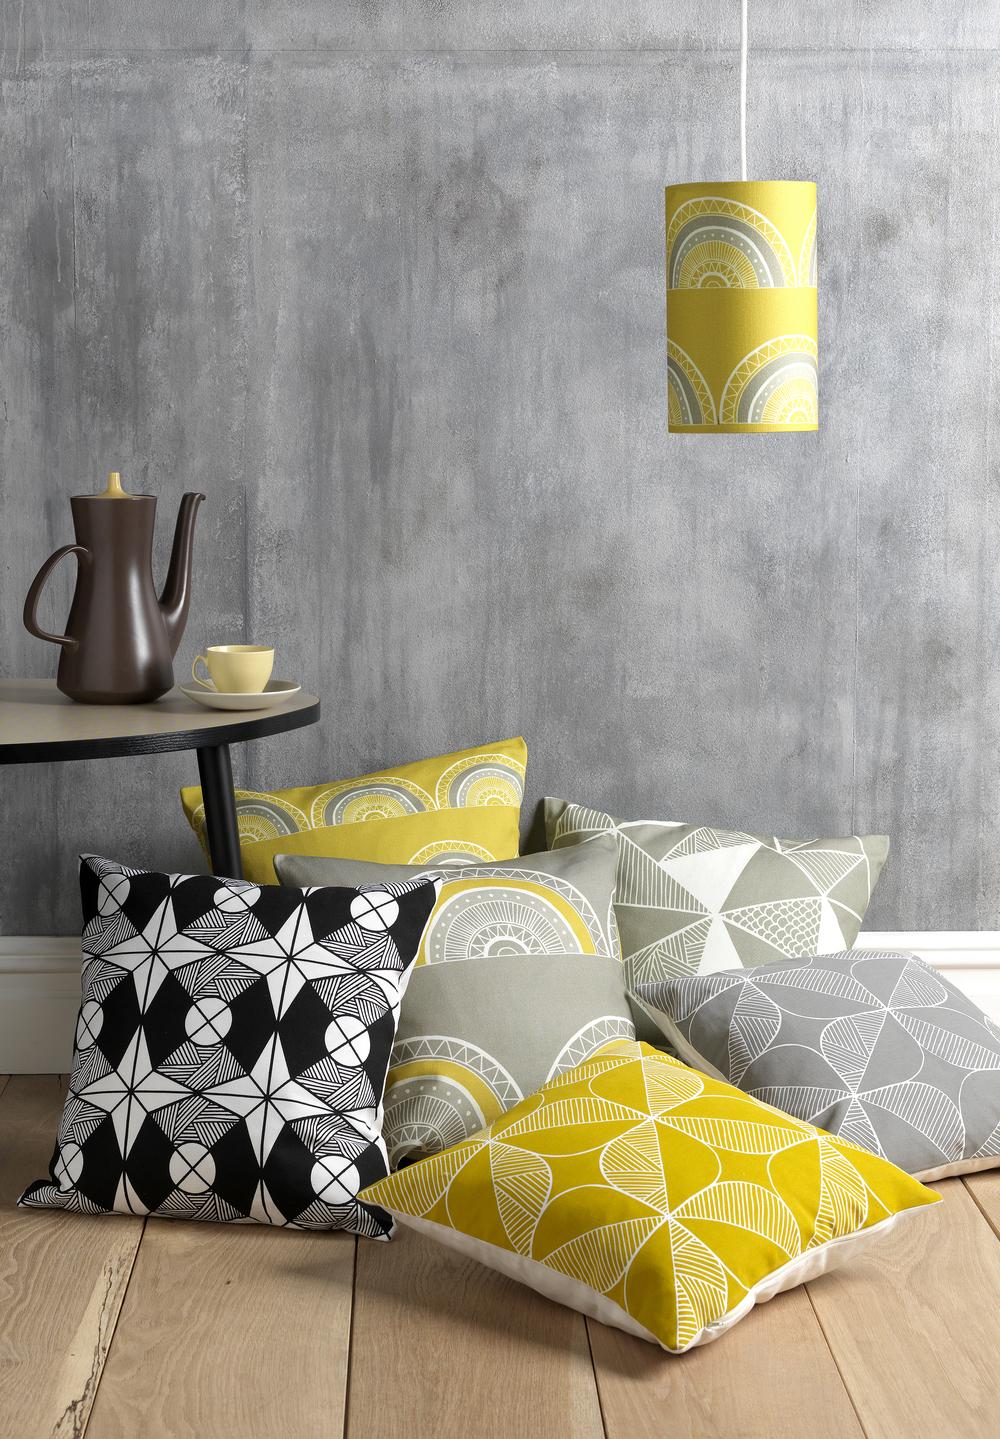 cushions-yellow-grey-sian-elin-2-RGB